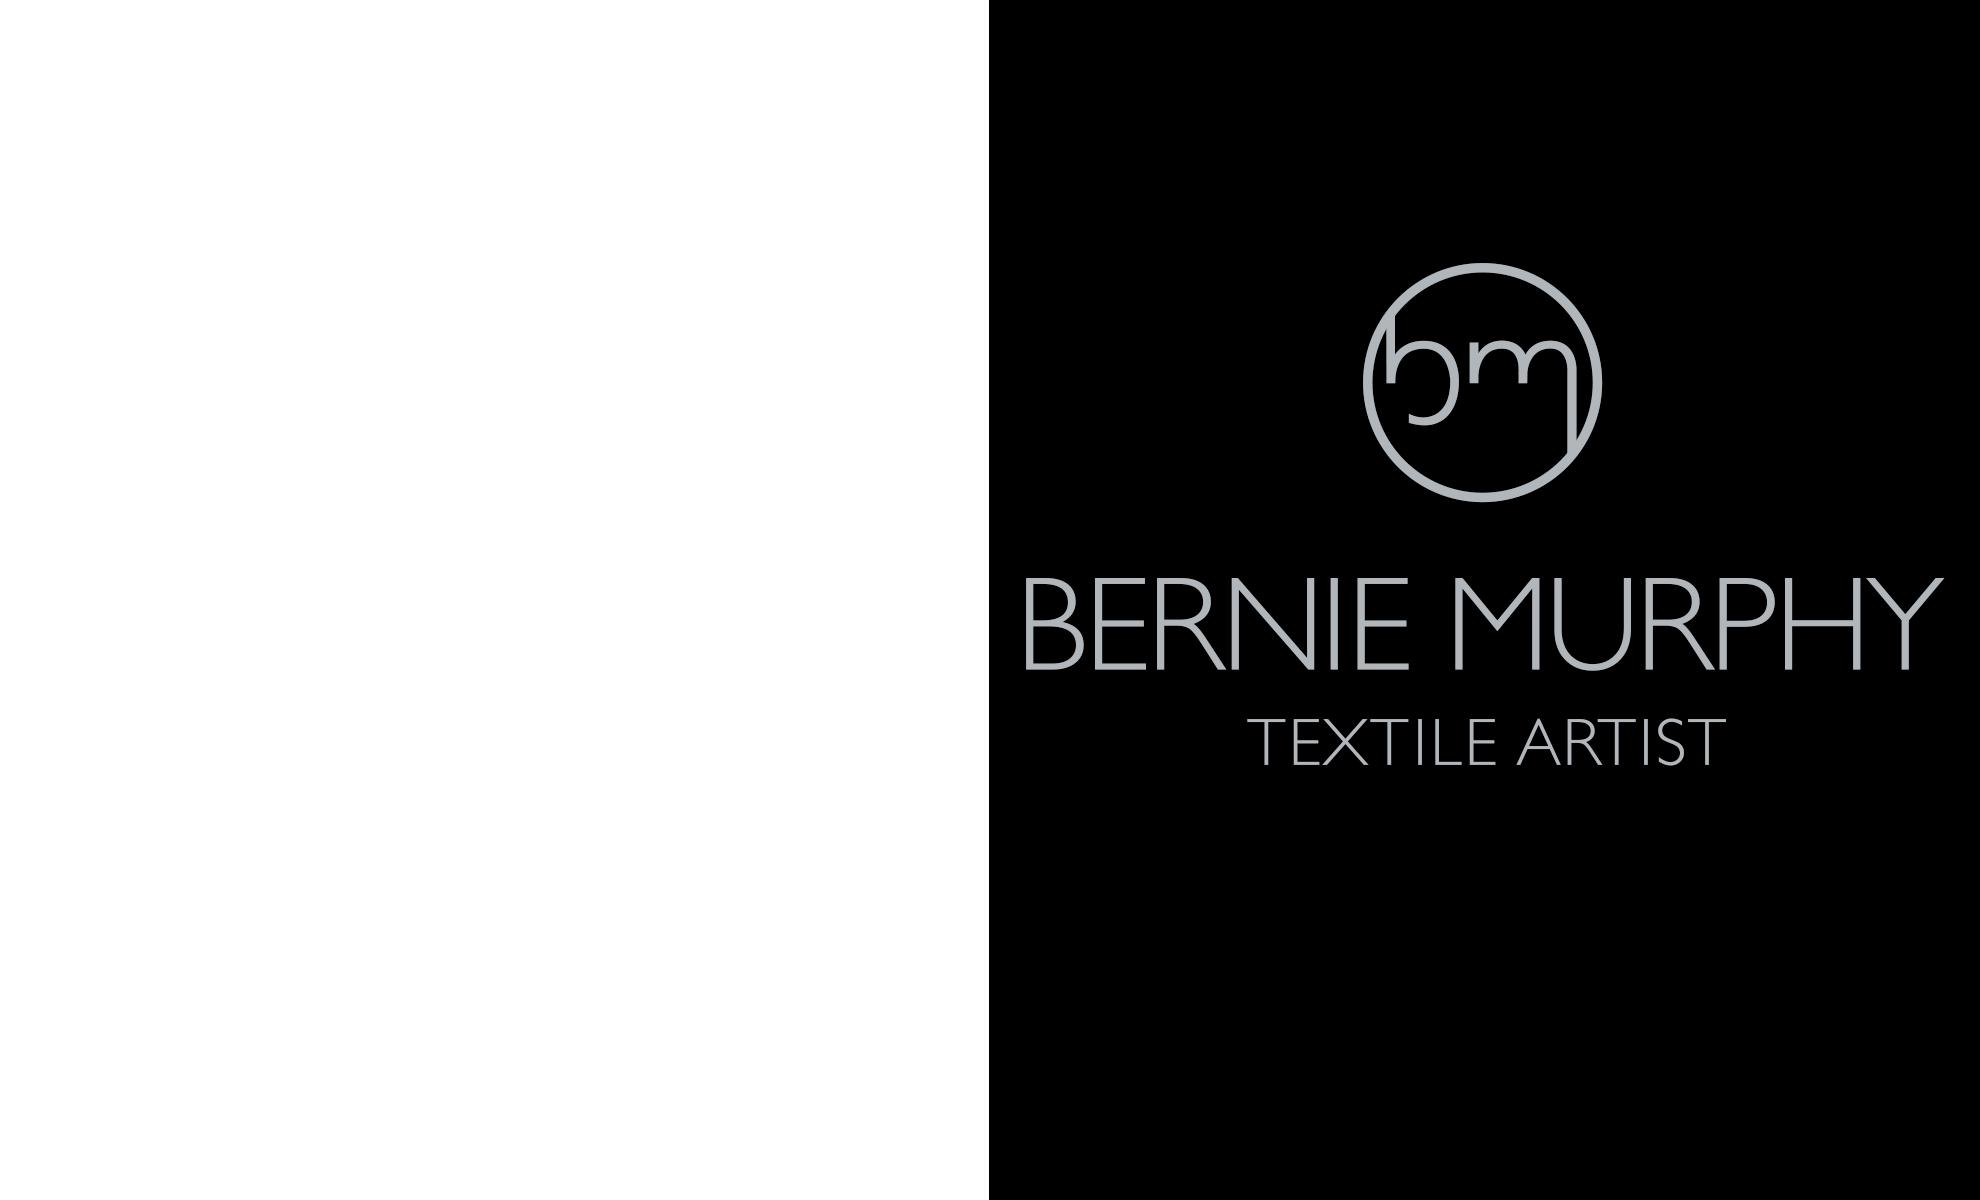 Bernie Murphy Textile artist logo